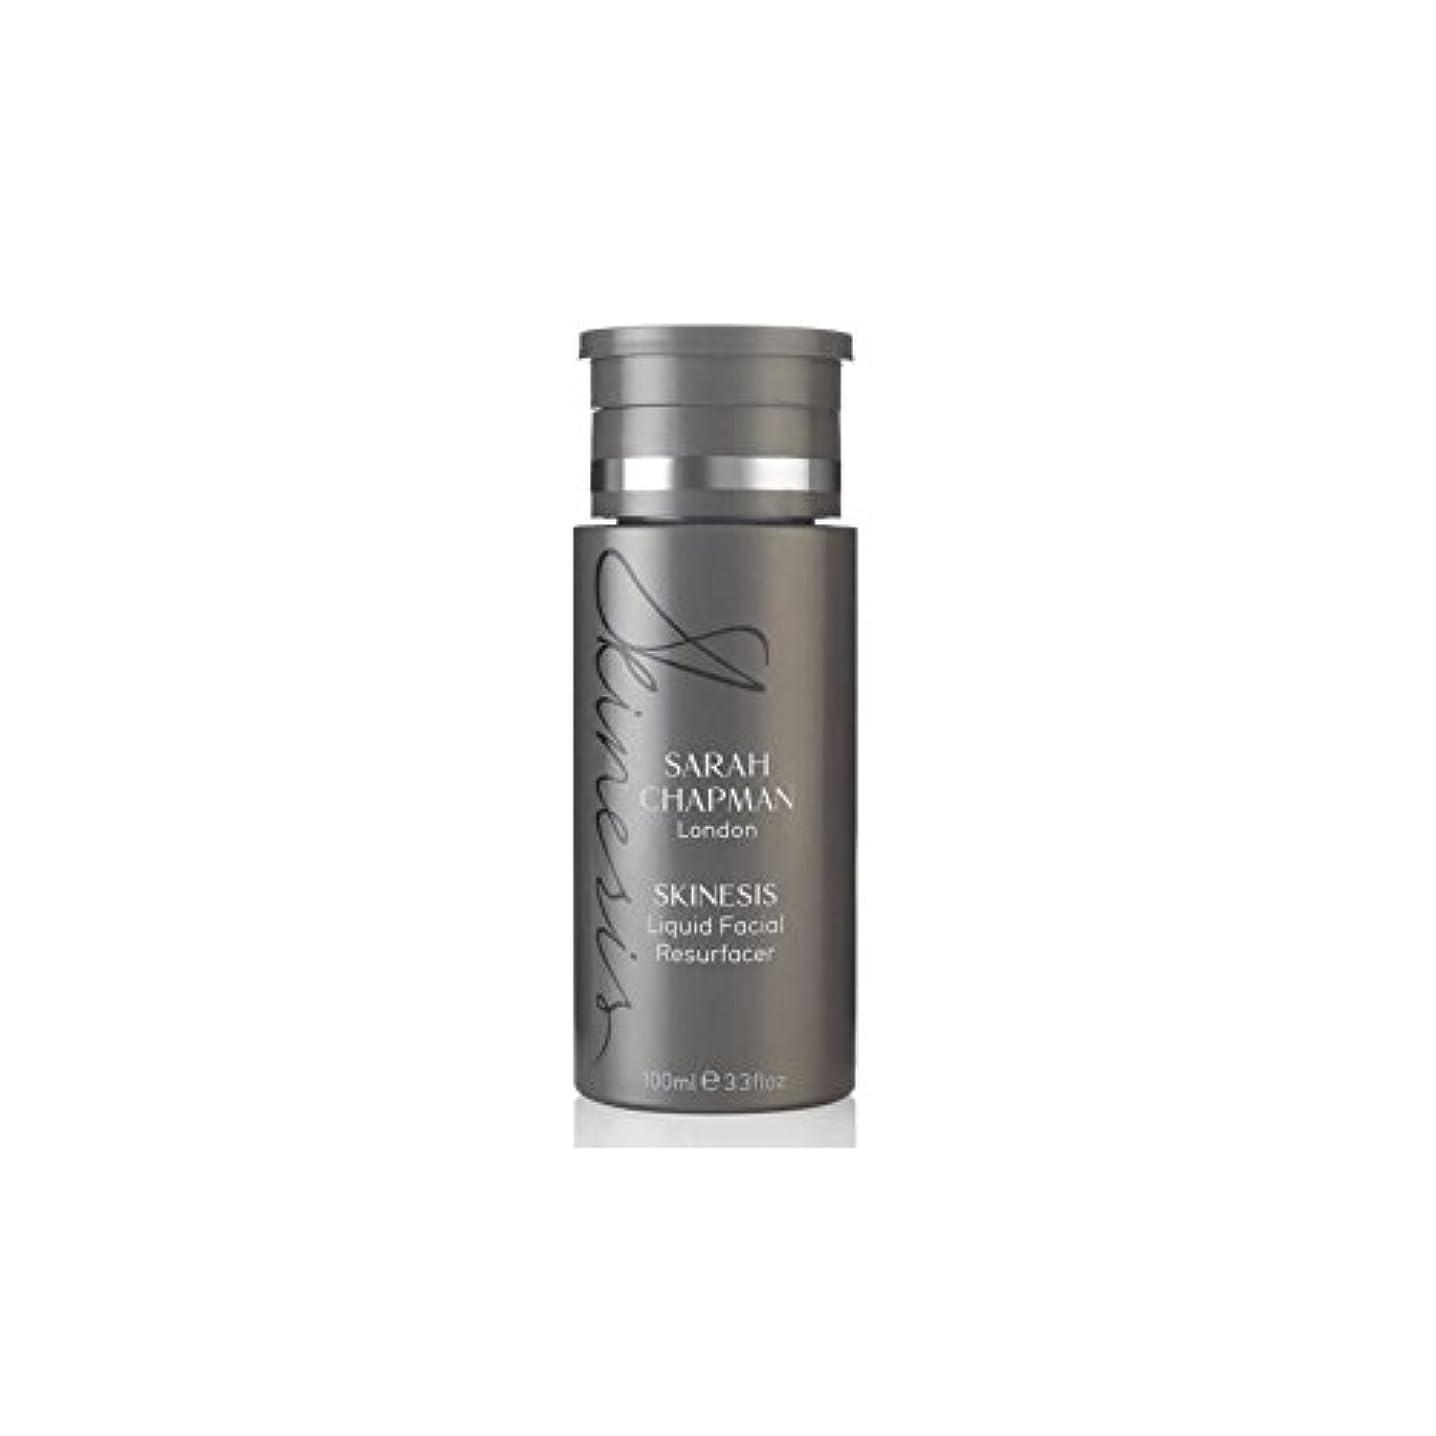 モディッシュ国際サラチャップマン液体顔(100)に x4 - Sarah Chapman Skinesis Liquid Facial Resurfacer (100ml) (Pack of 4) [並行輸入品]